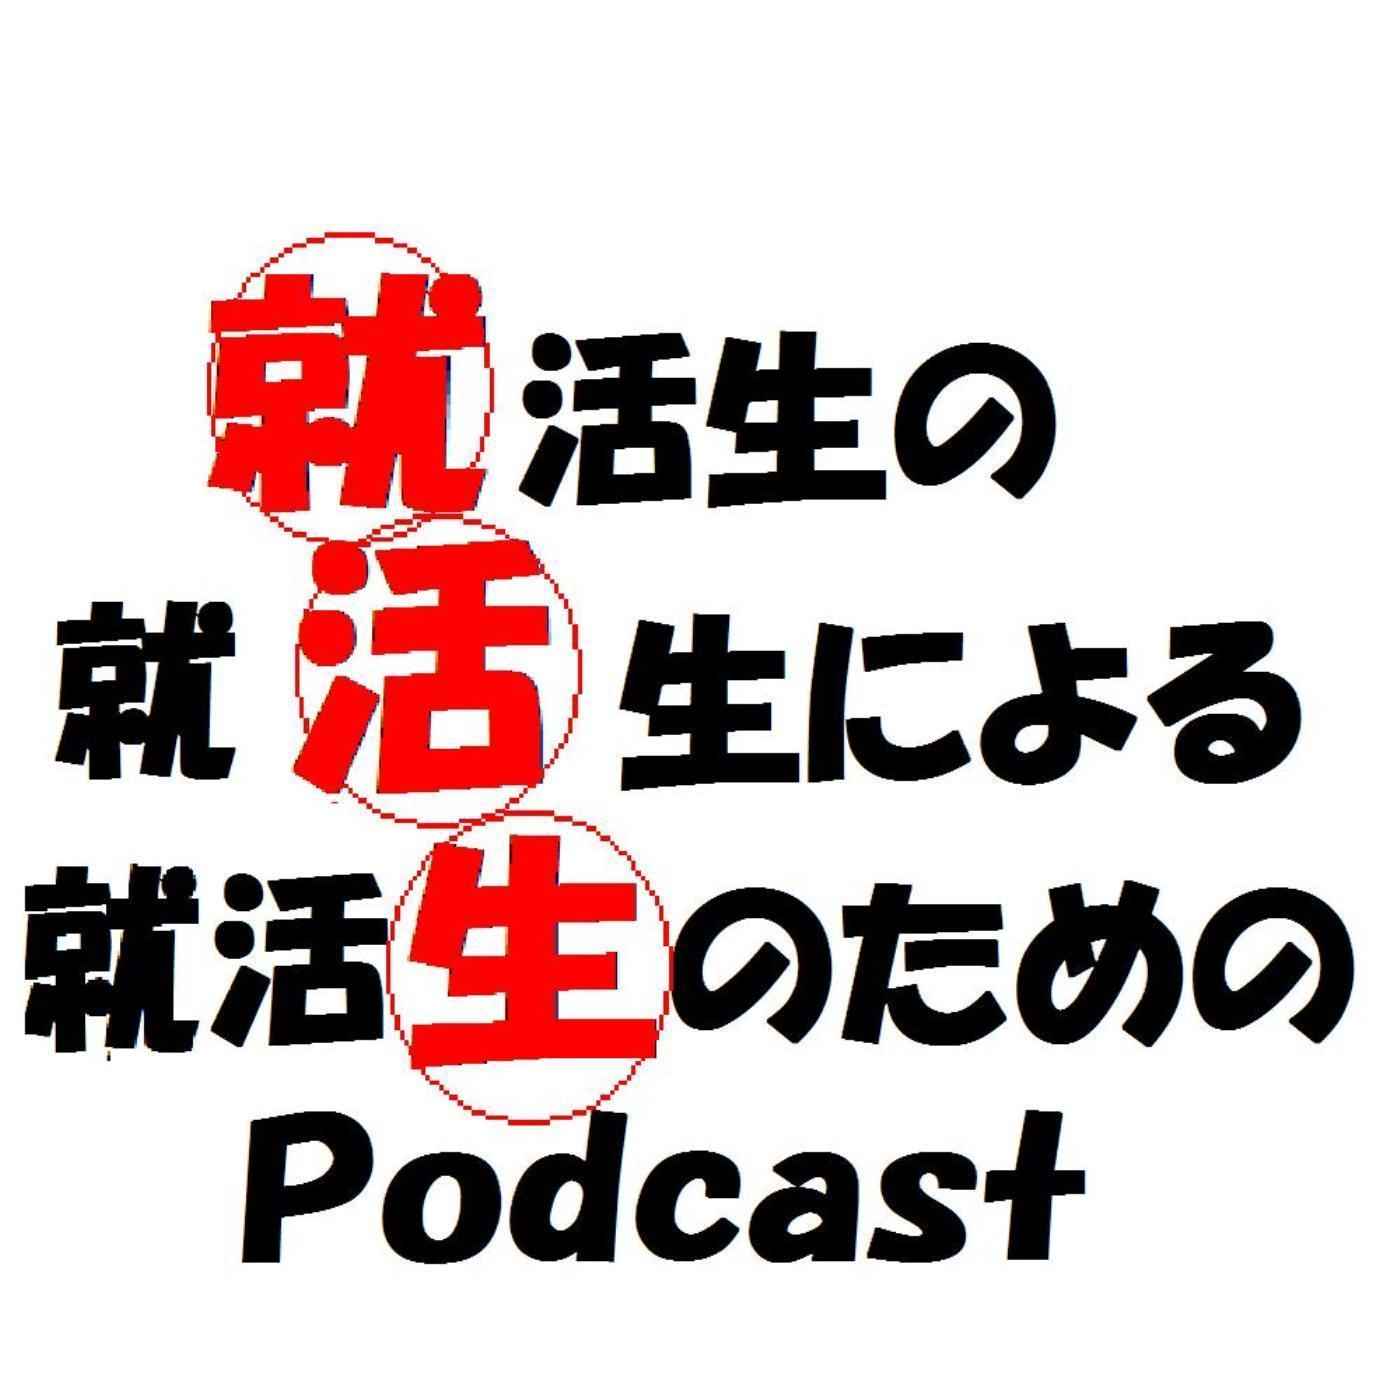 就活生の就活生による就活生のためのPodcast